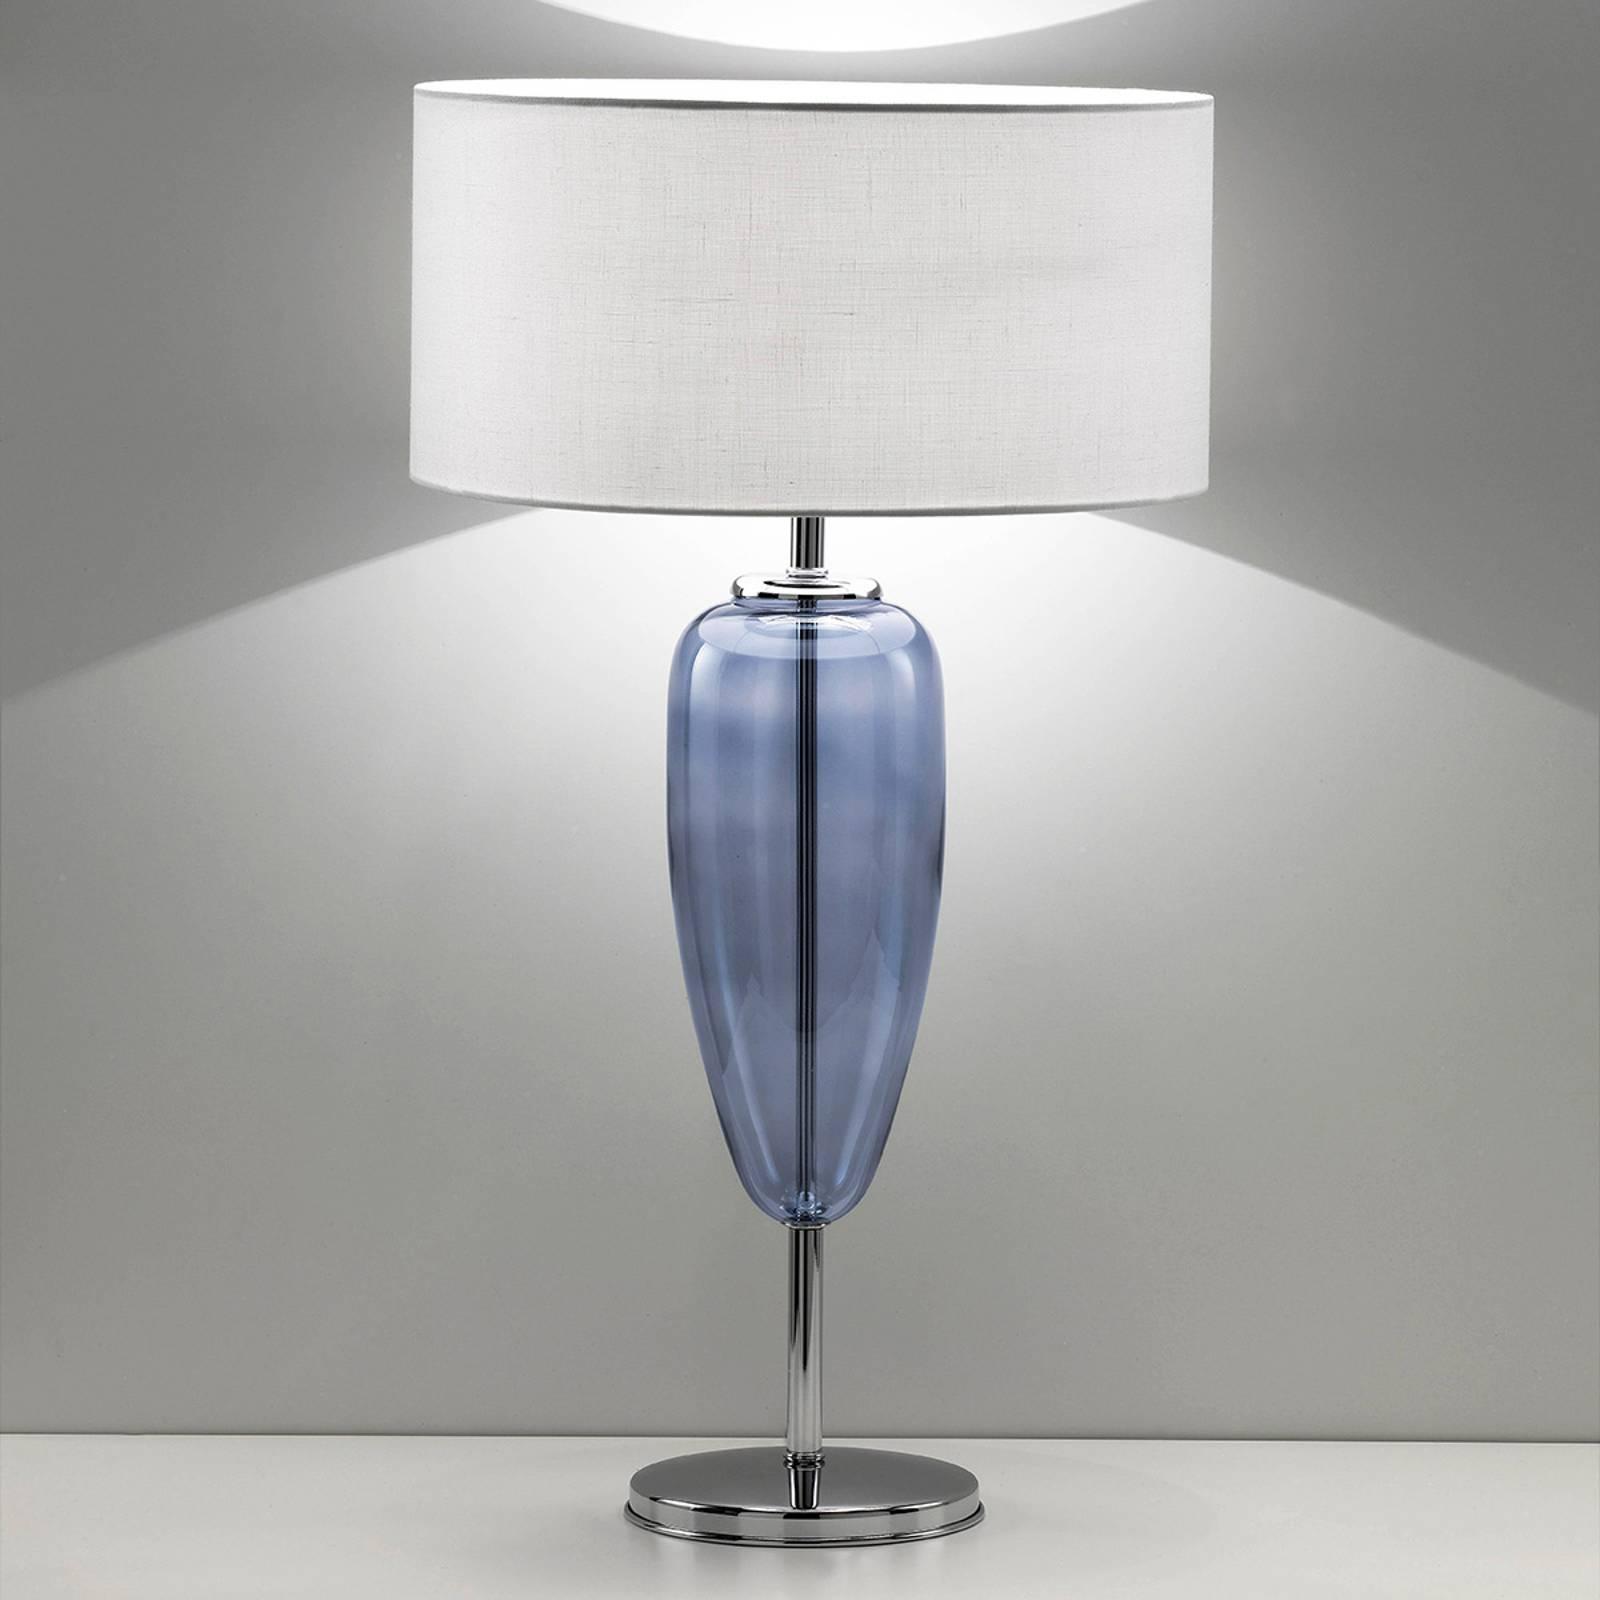 Bilde av Bordlampe Show Ogiva 82 Cm Glasselement Blå